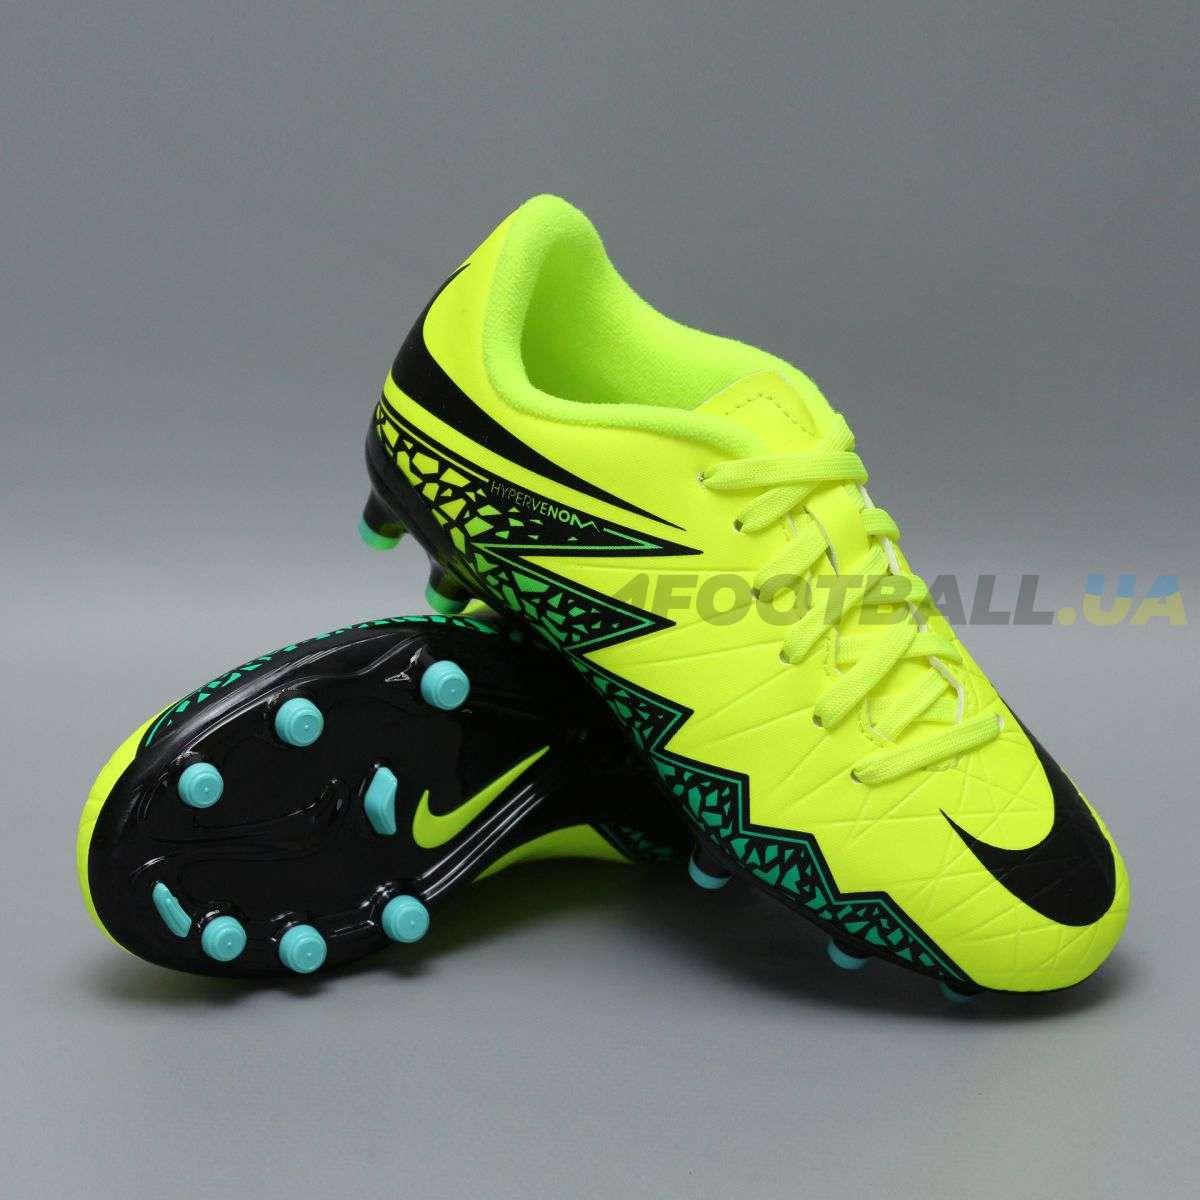 Детские бутсы Nike JR HYPERVENOM PHELON II FG - Lemon   744943-703 fc2c437af74